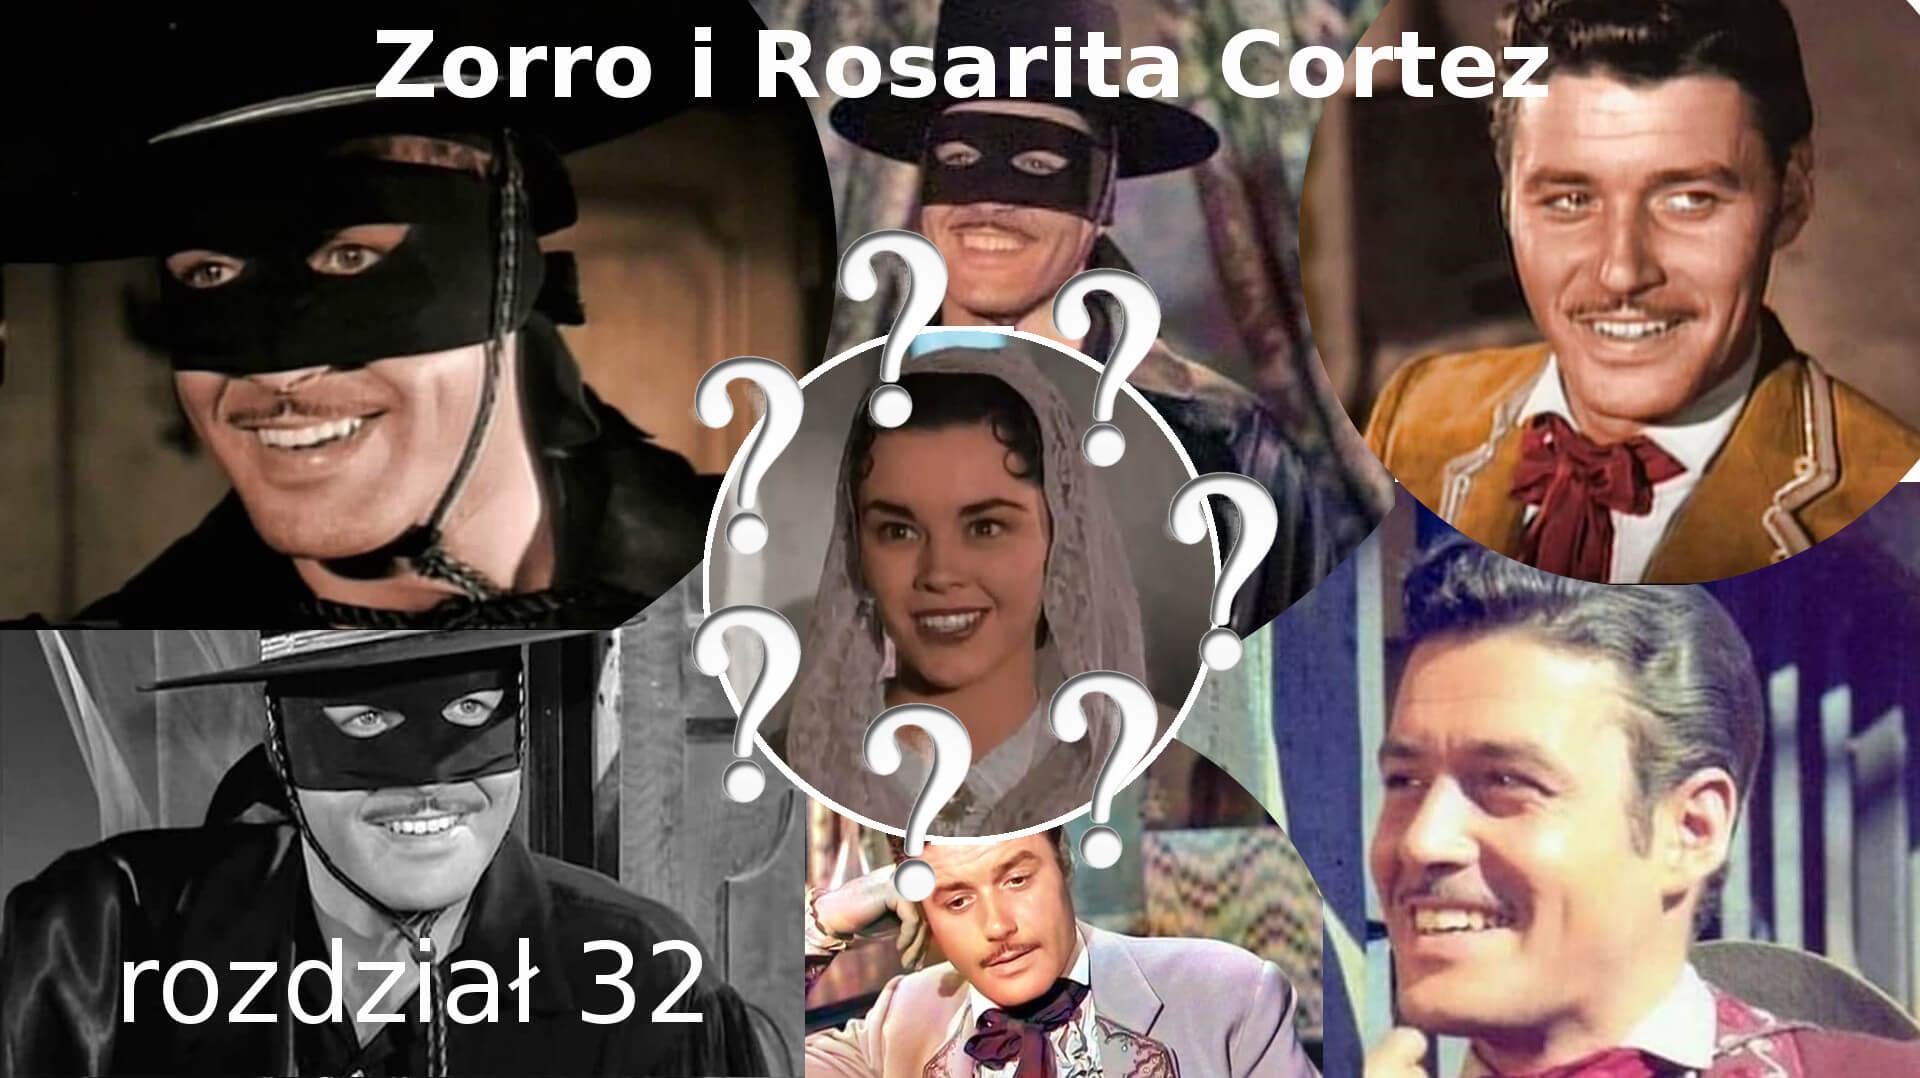 Zorro i Rosarita Cortez rozdział 32 Walt Disney Zorro fanfiction